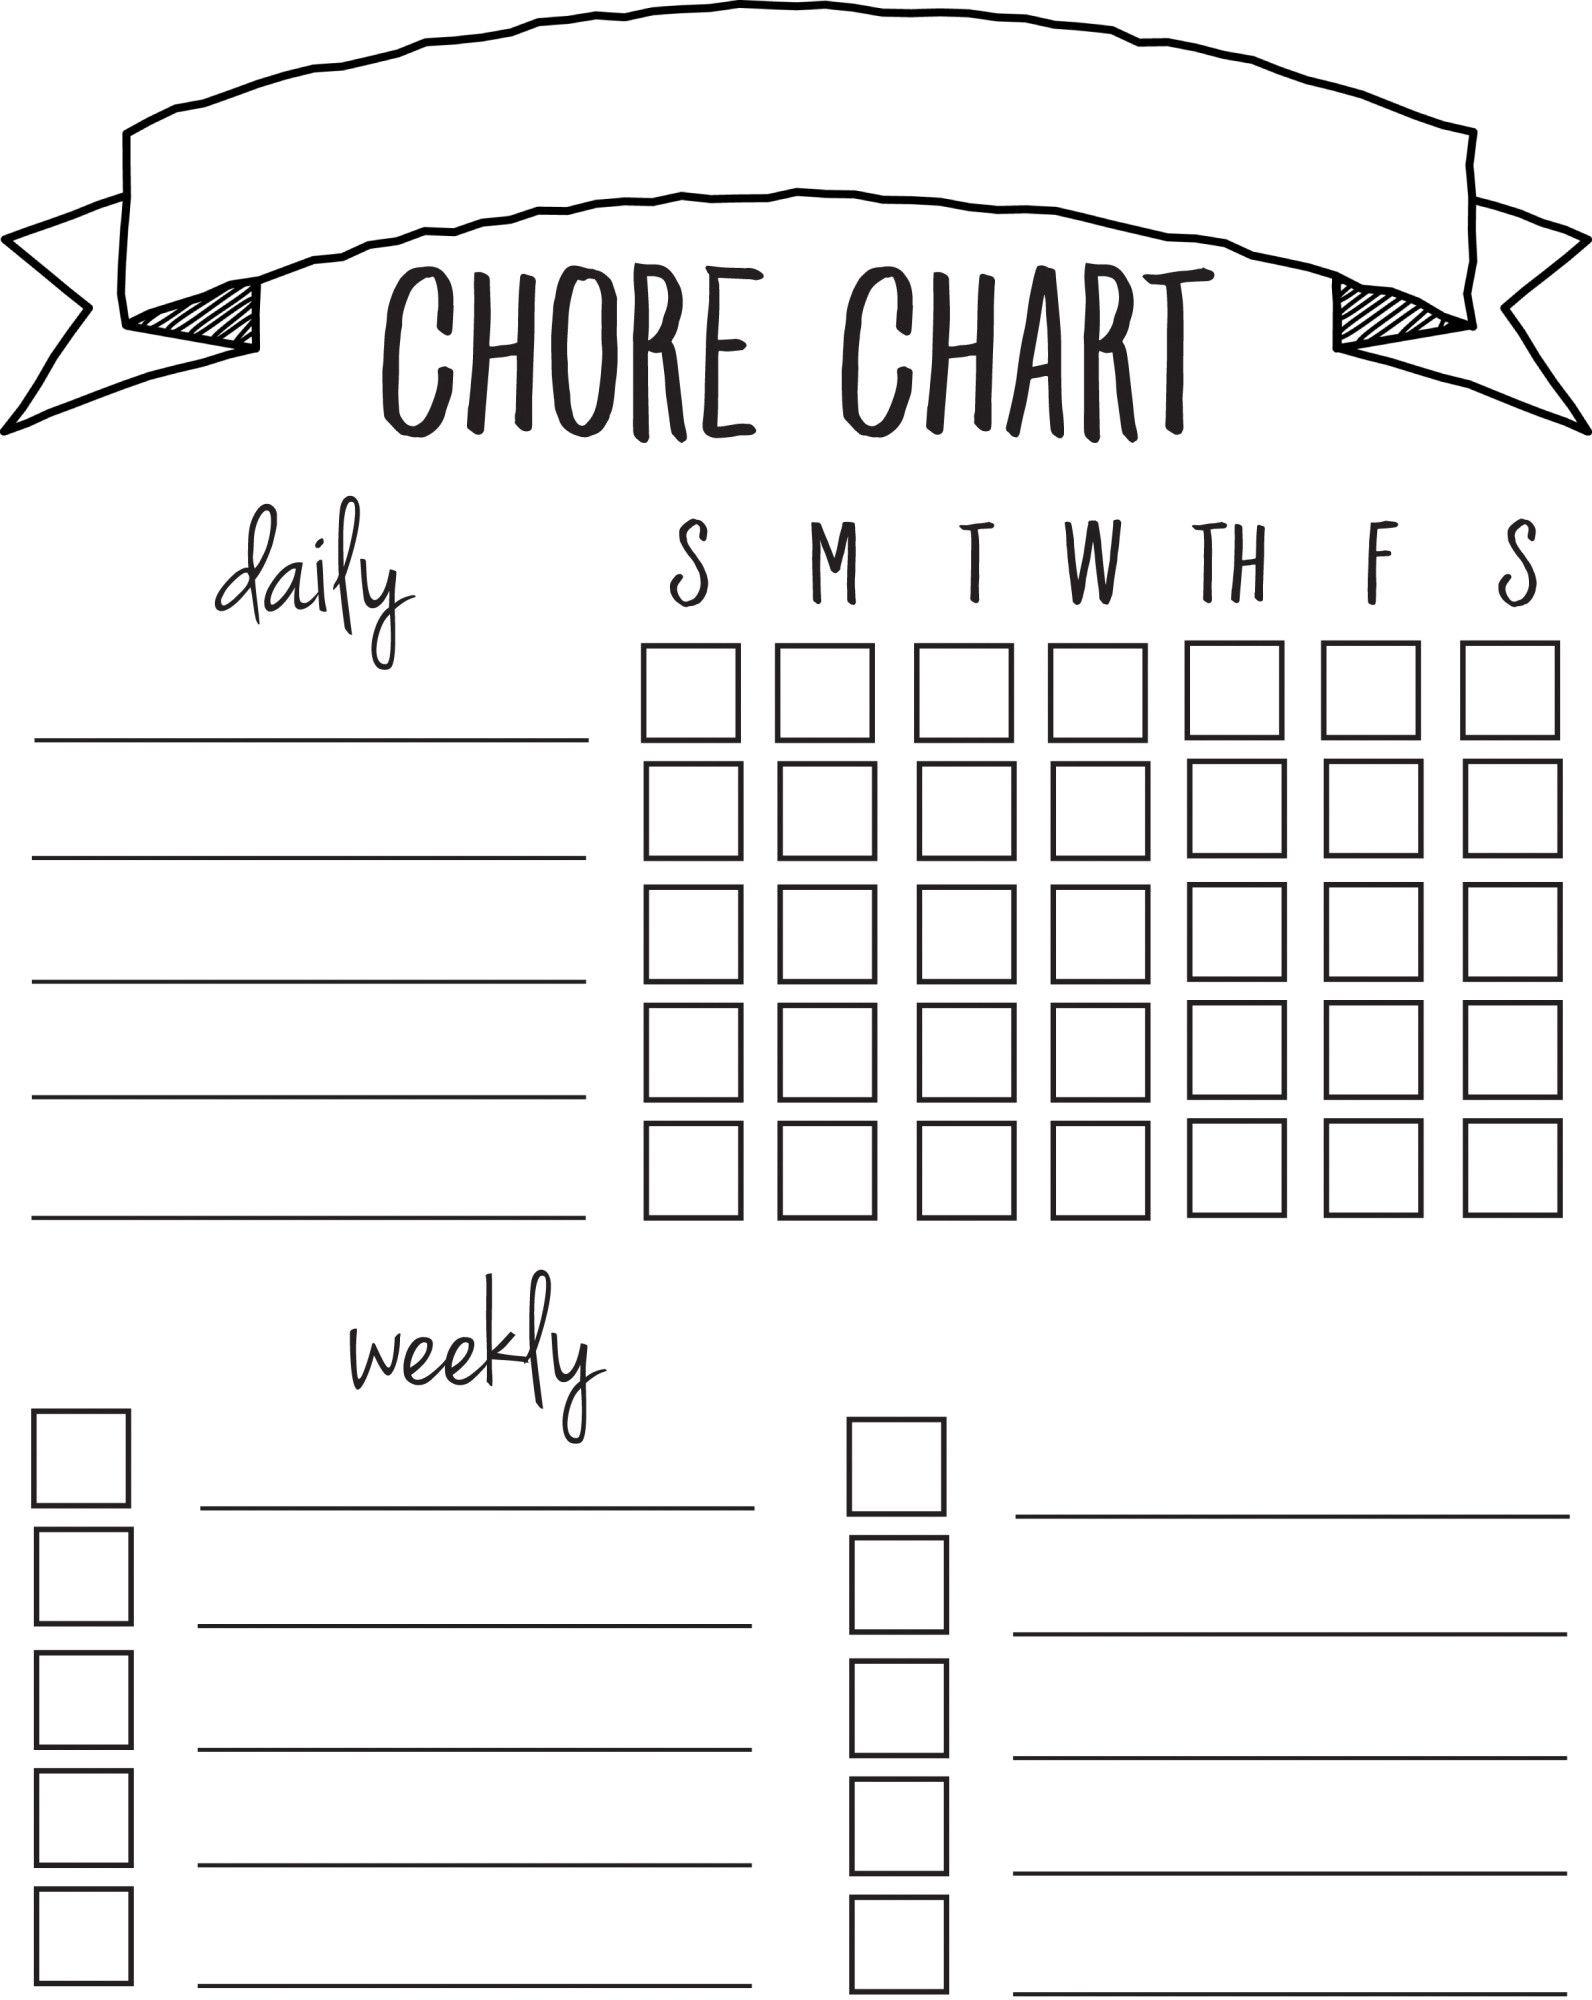 Diy Printable Chore Chart   Free Printables Nov/feb   Chore Chart - Chore Chart For Adults Printable Free